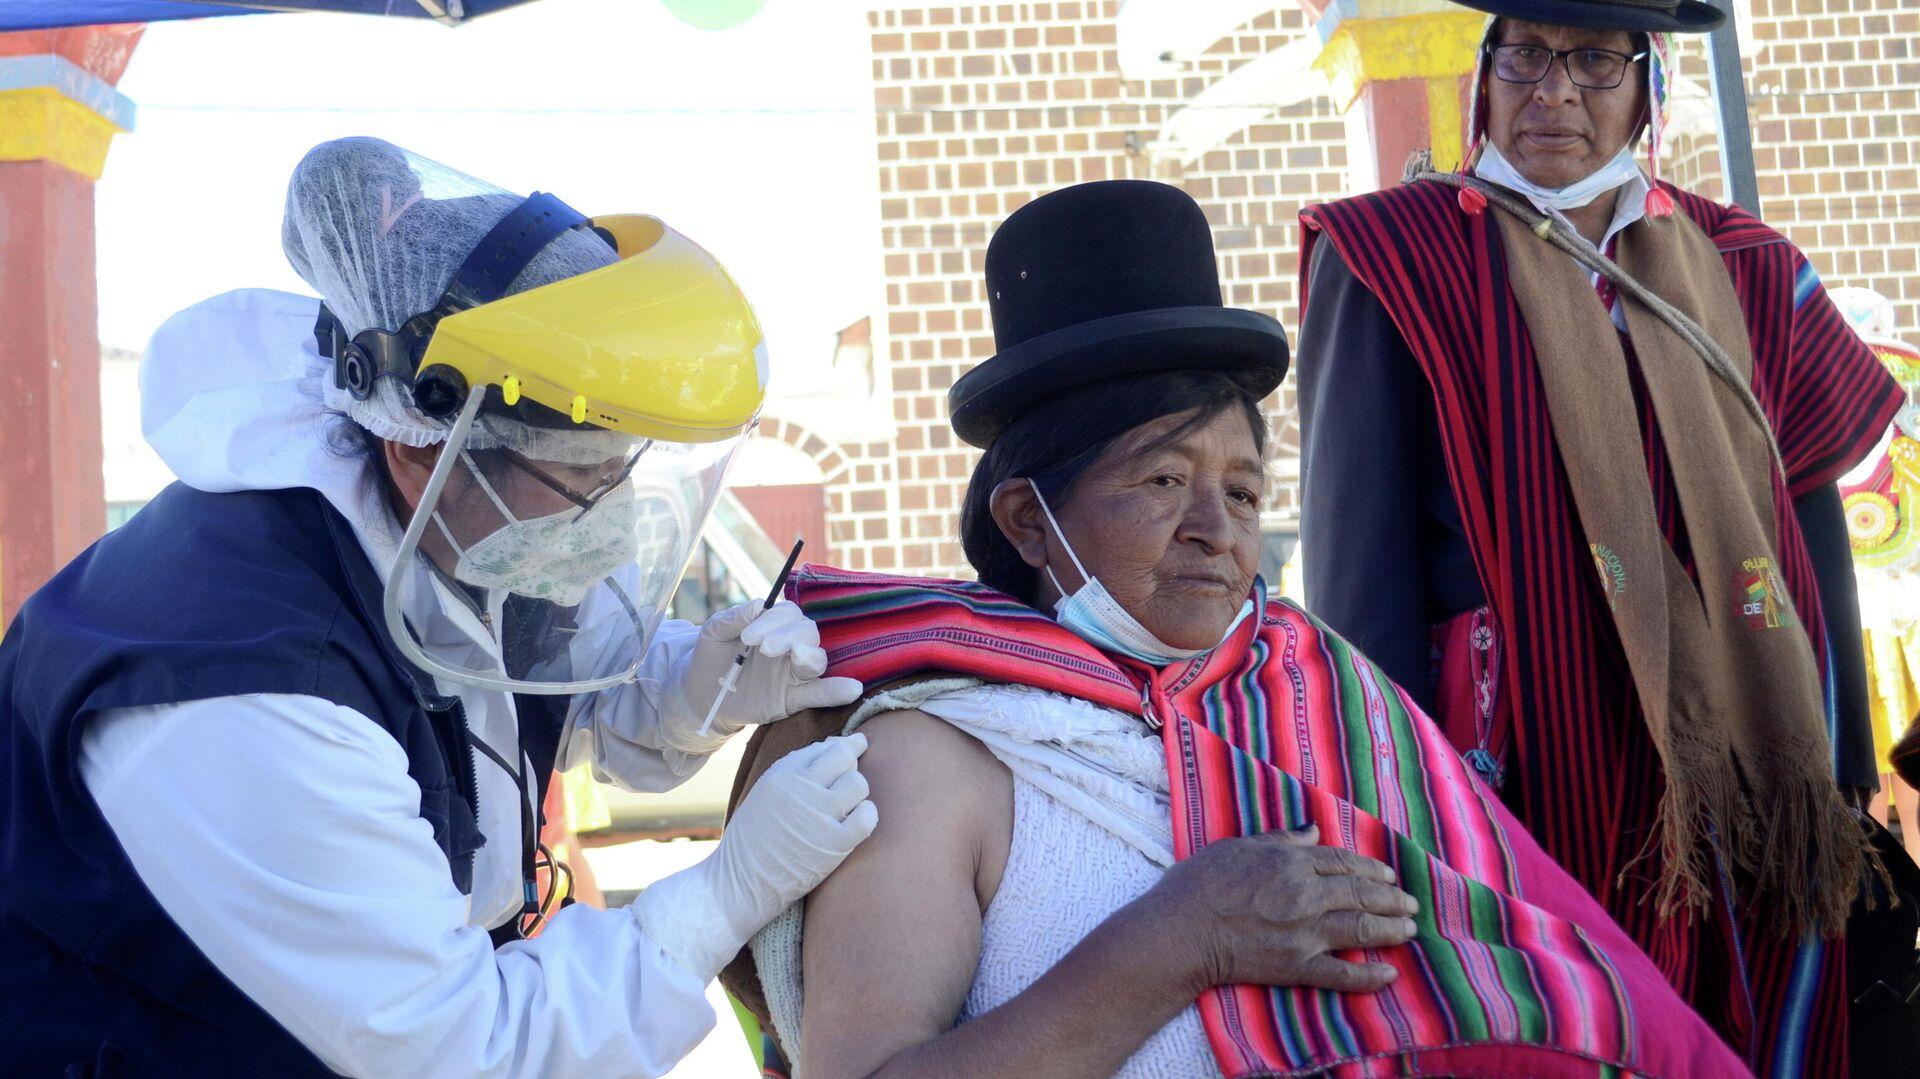 Vacunación contra COVID-19 en Bolivia - Sputnik Mundo, 1920, 02.06.2021